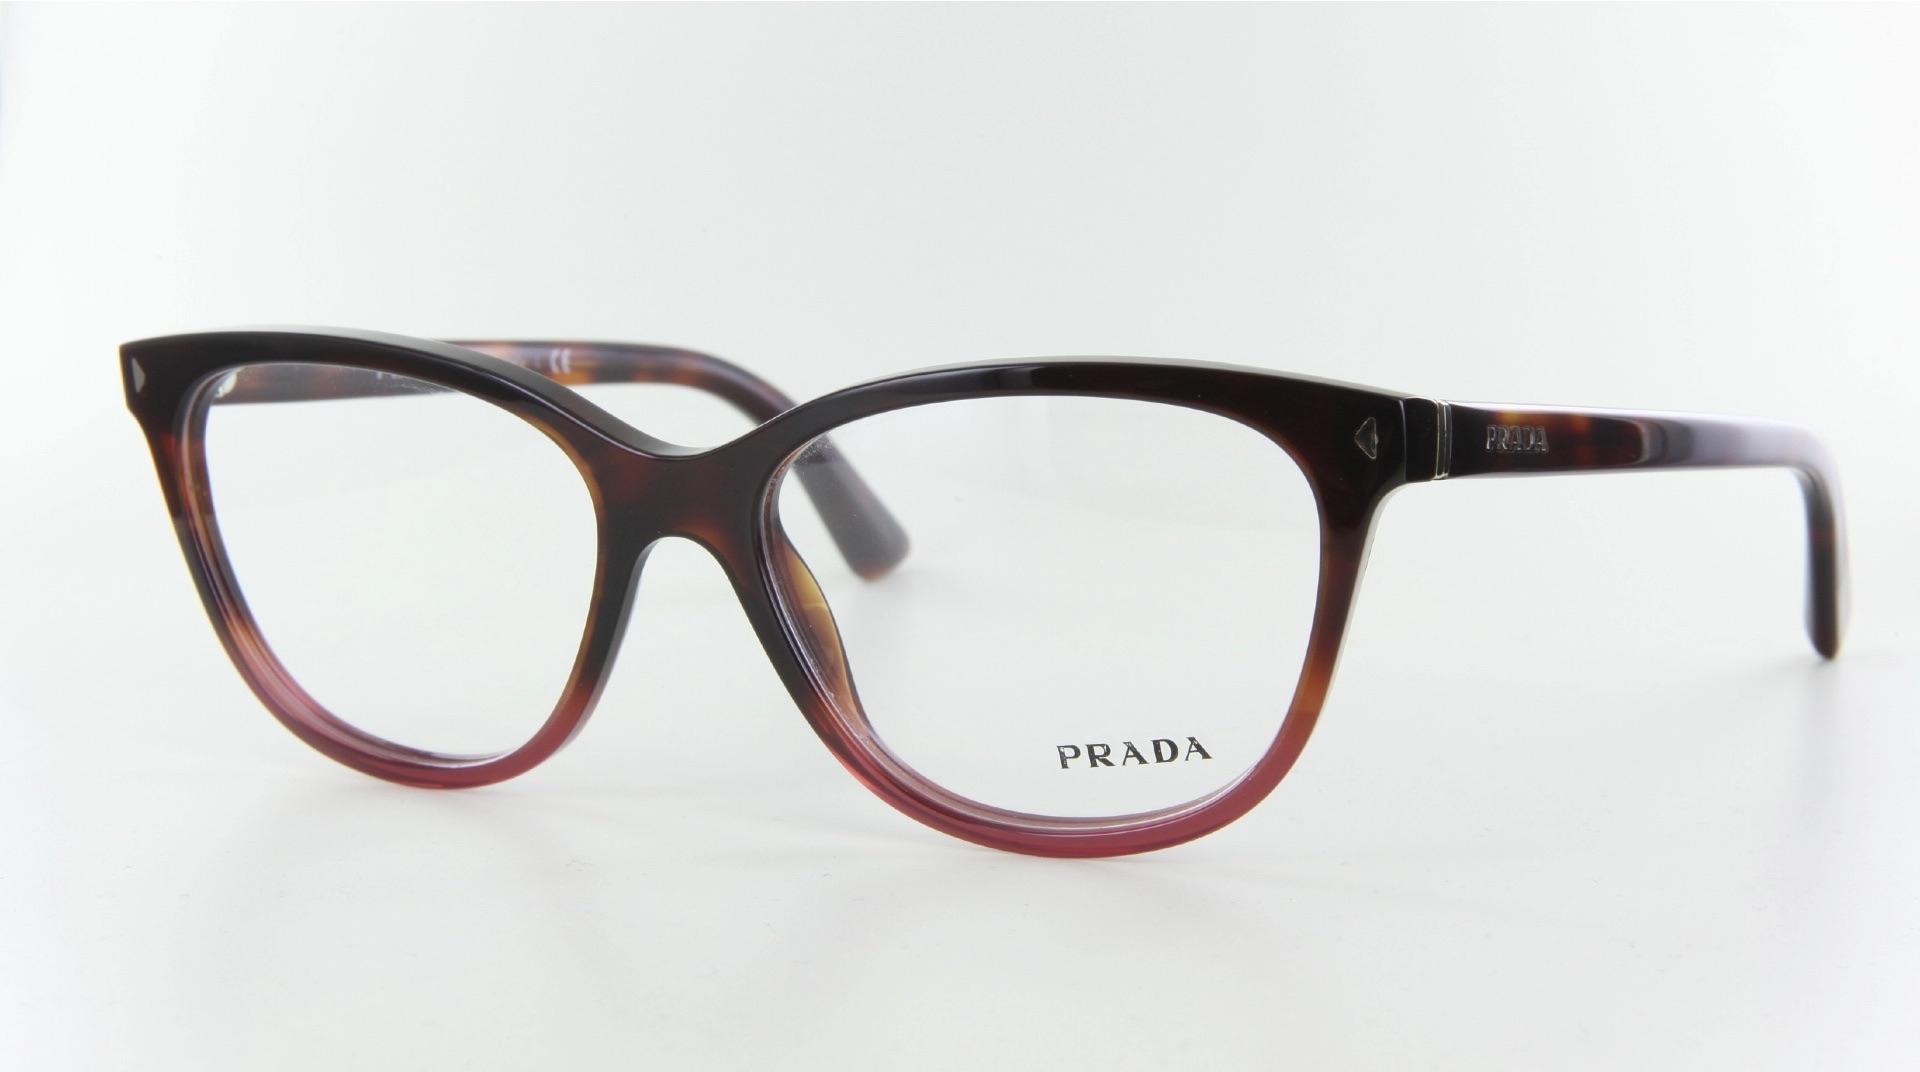 Prada - ref: 71839